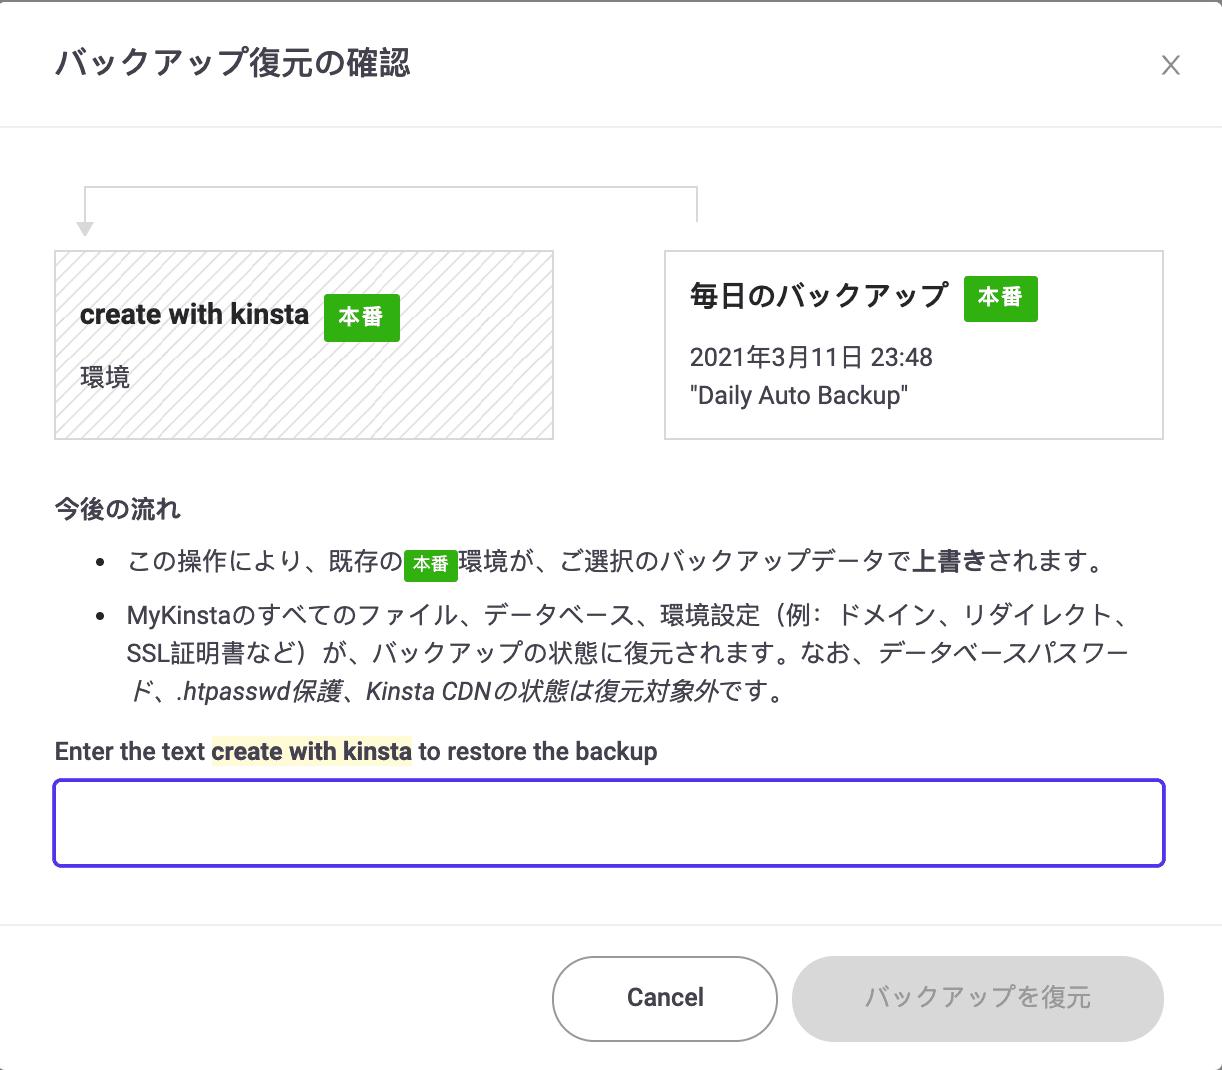 WordPressバックアップ復元の確定